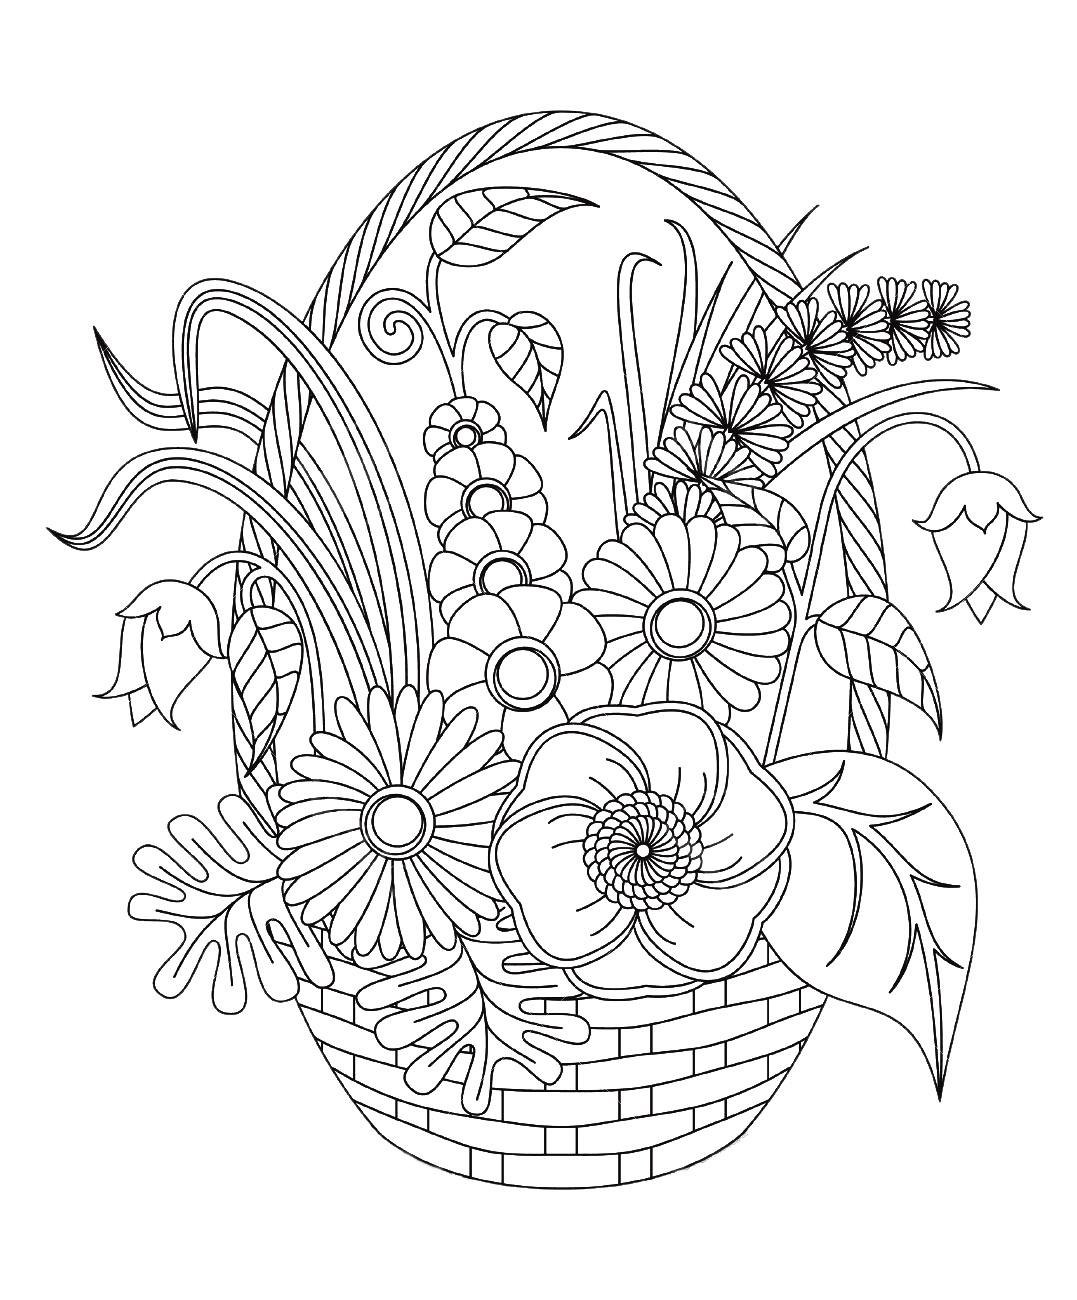 Fleurs variees dans un panier fleurs et v g tation coloriages difficiles pour adultes - Coloriage bouquet de fleurs ...